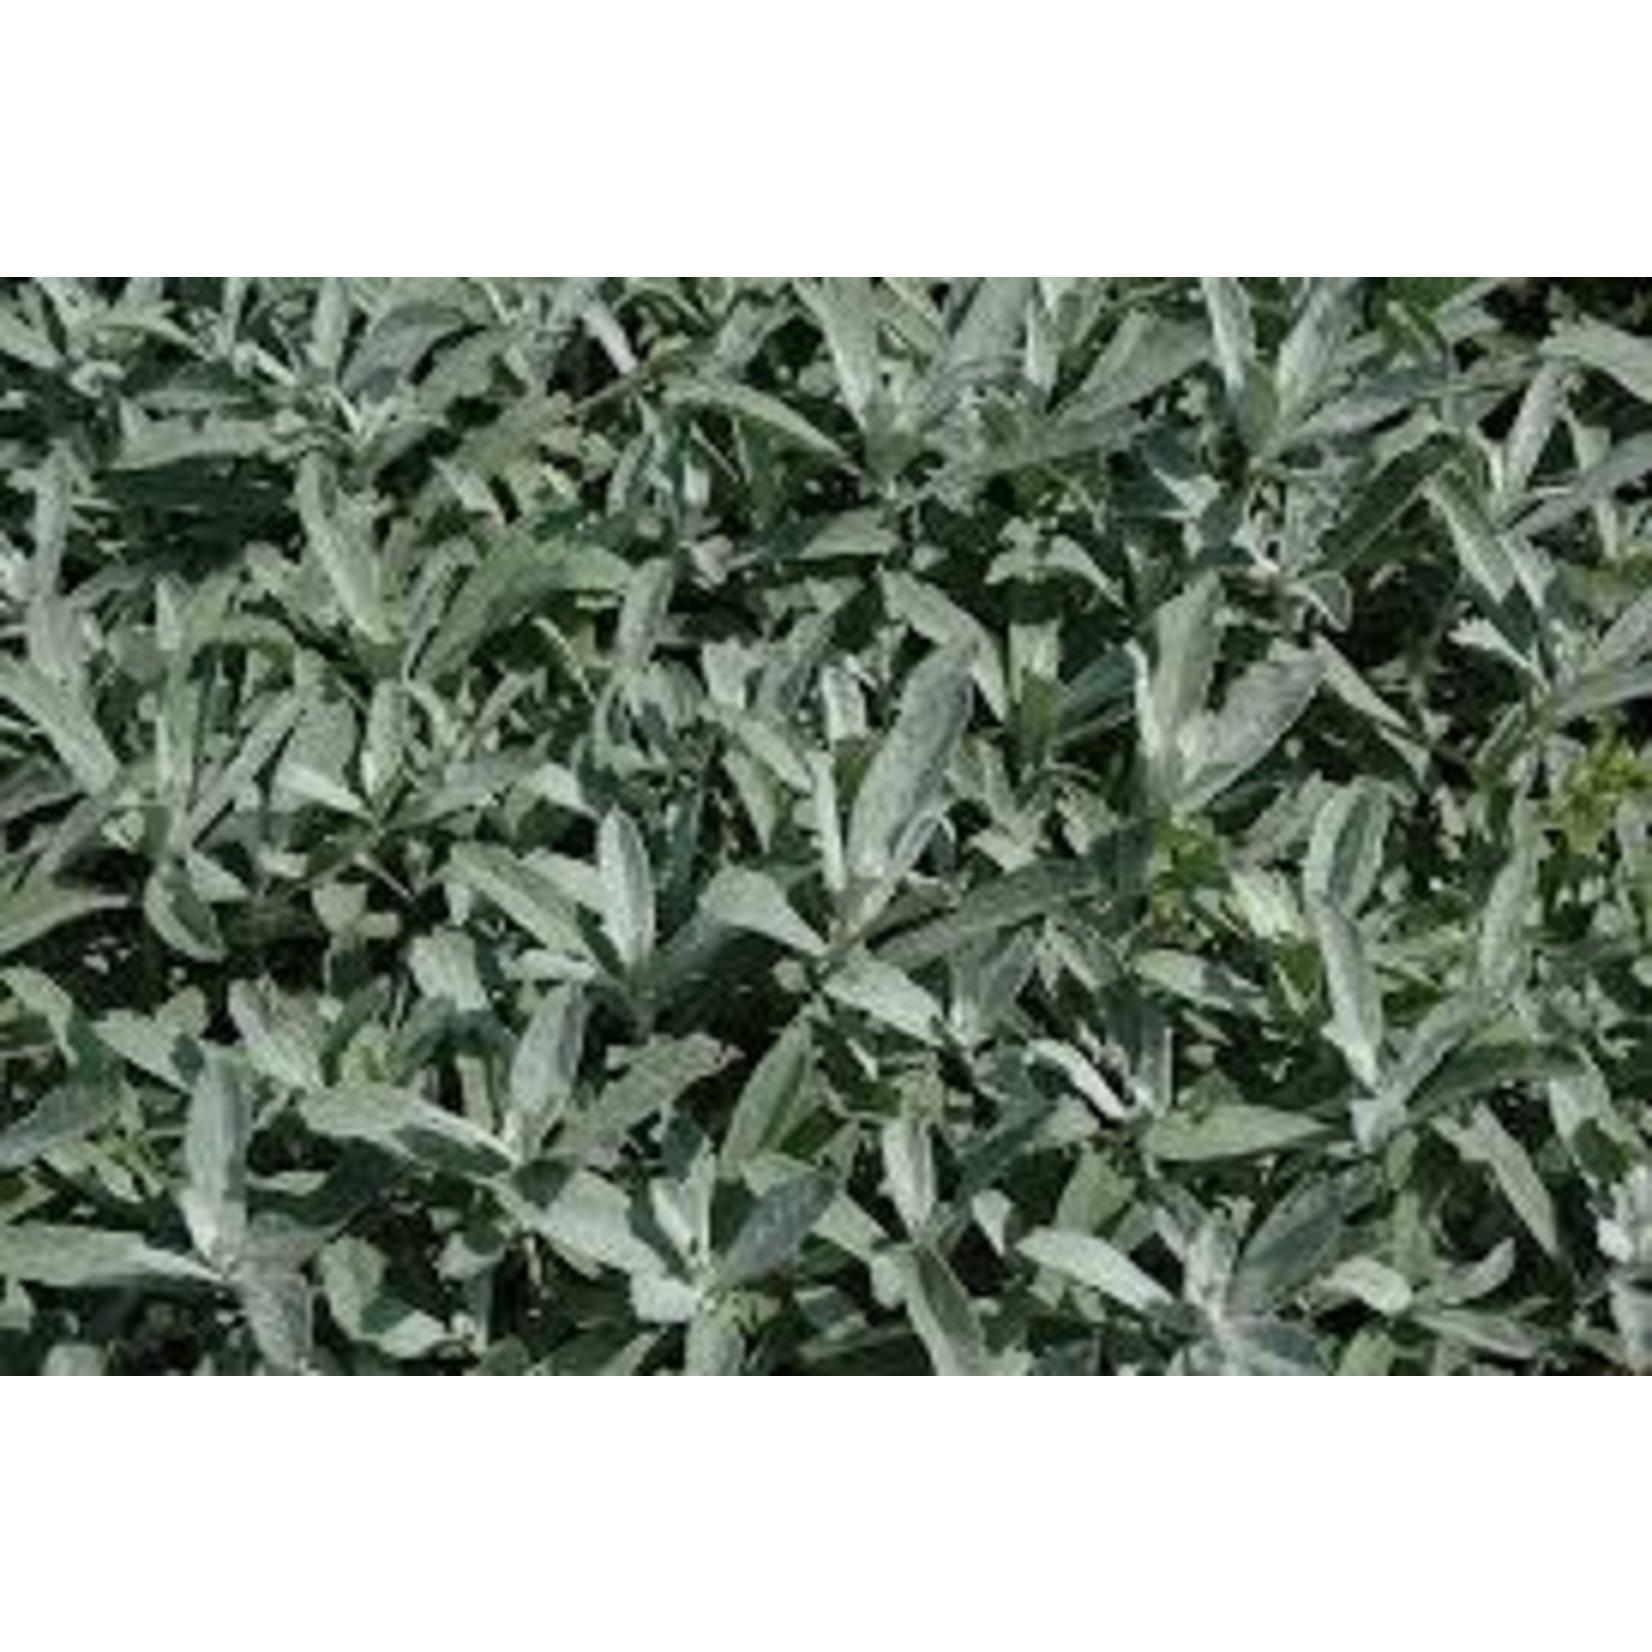 Artemisia Silver King - 1 gal